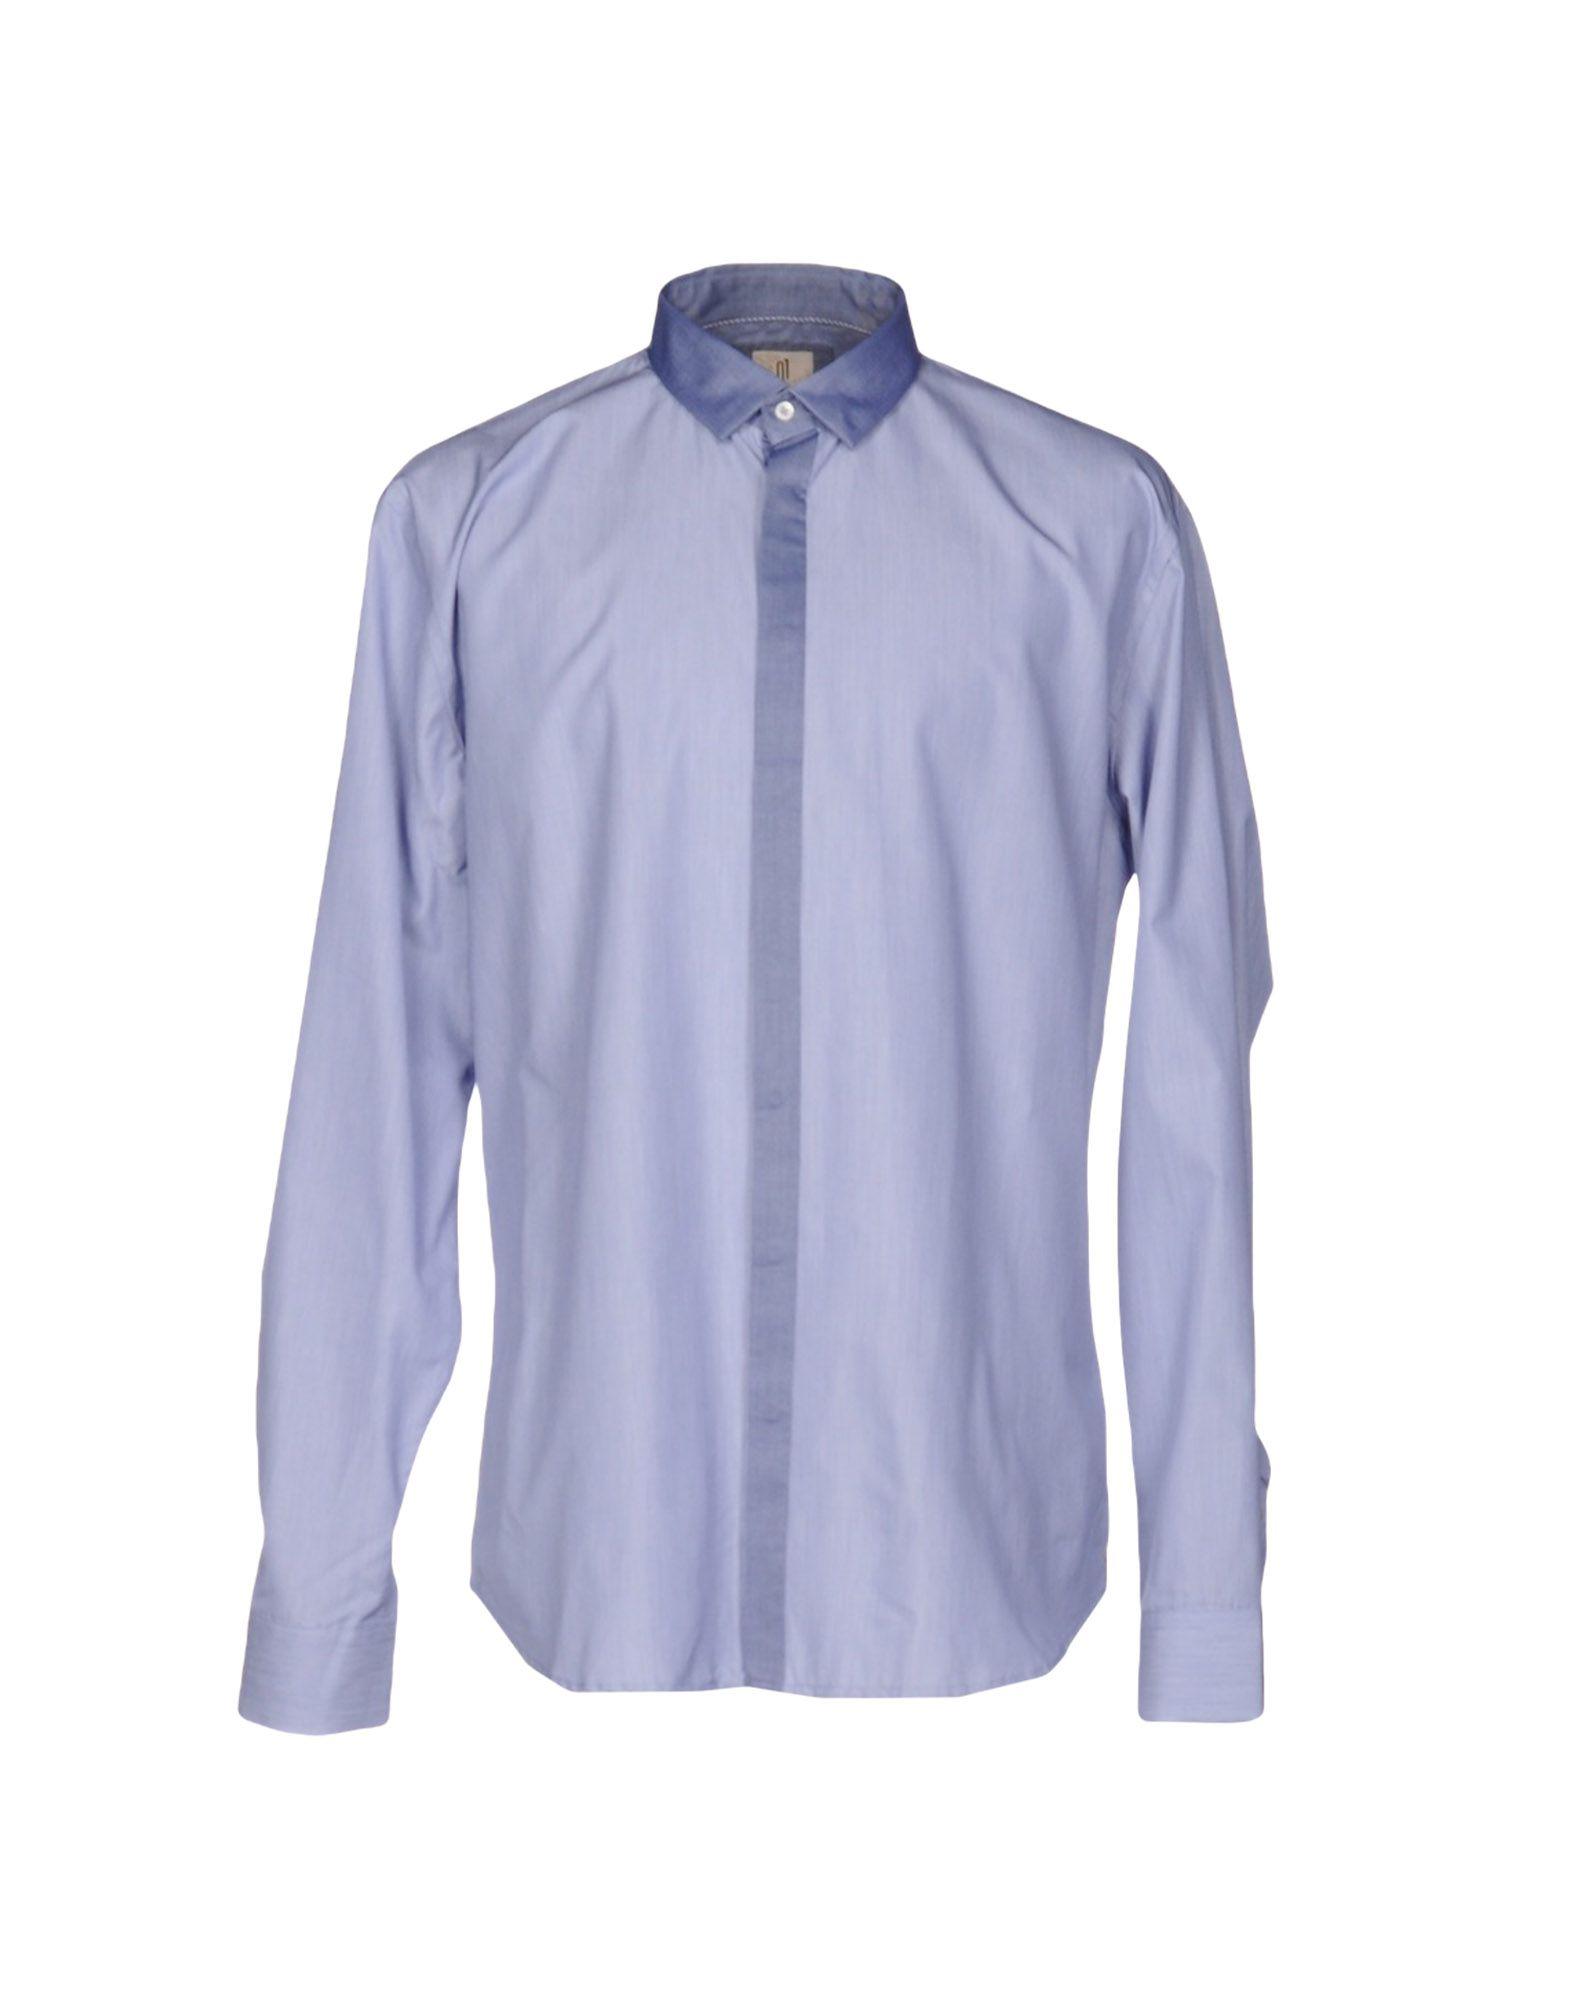 《送料無料》Q1 メンズ シャツ ダークブルー 40 コットン 100%